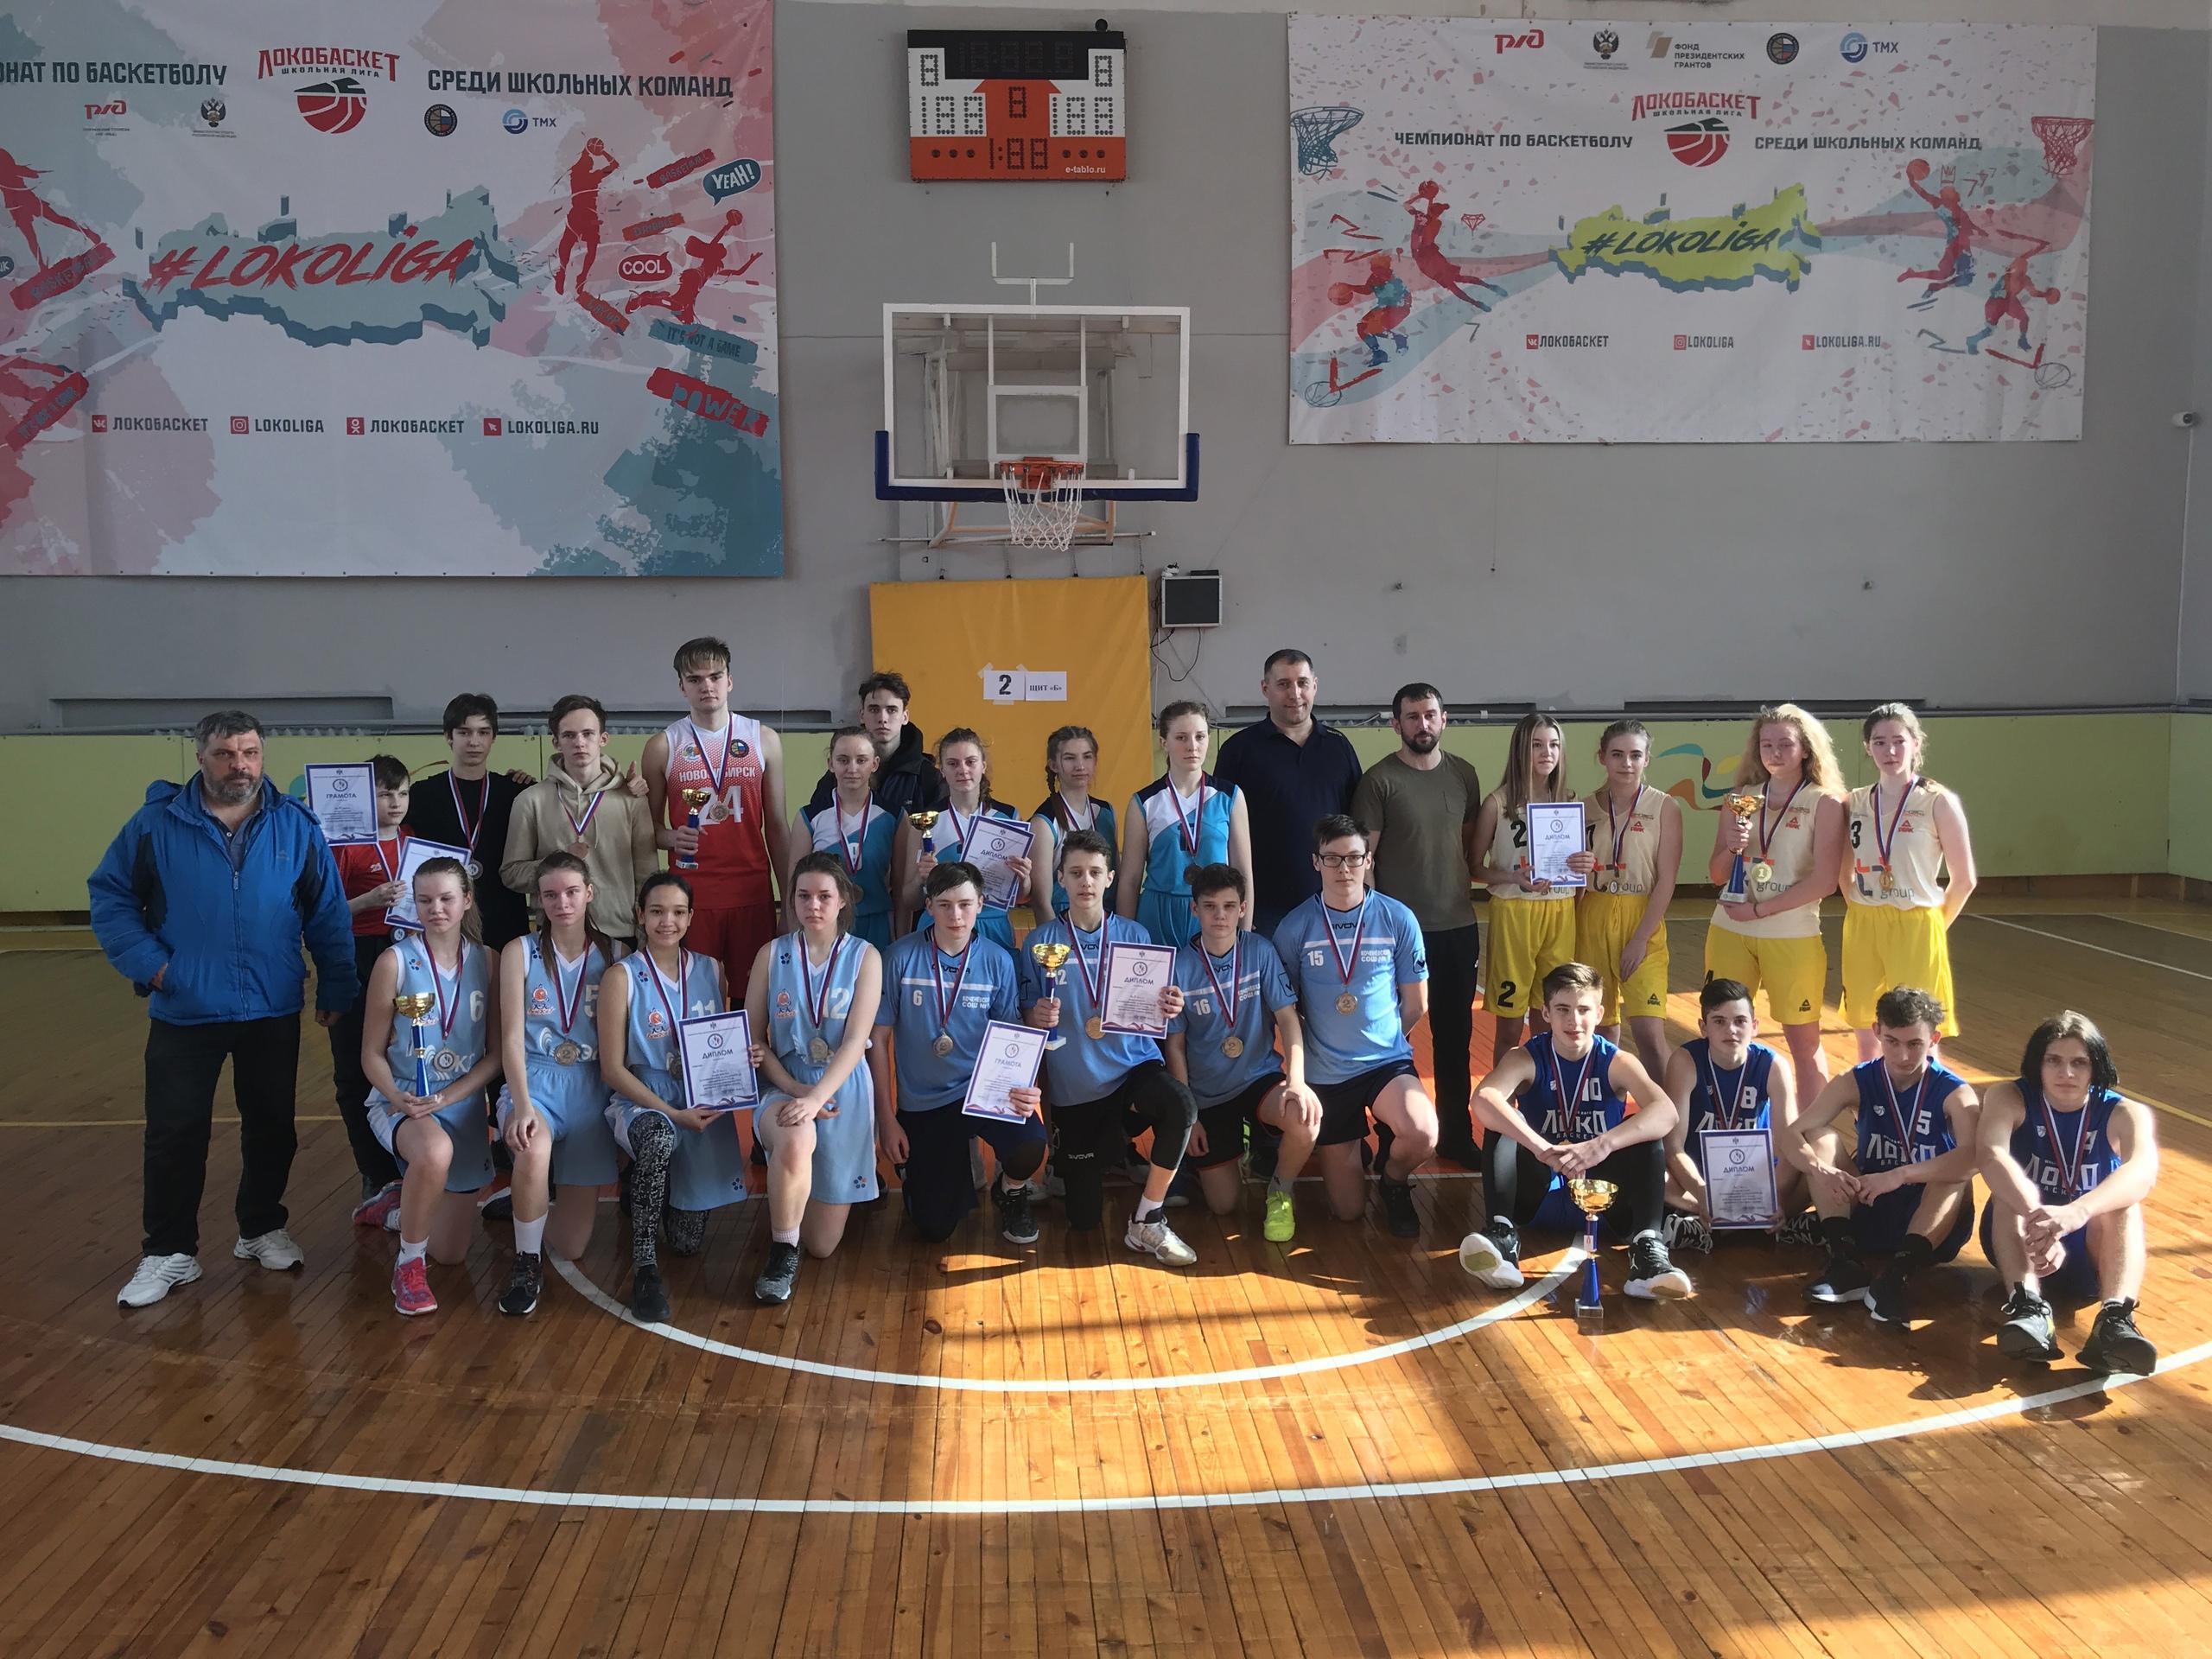 Всероссийские спортивные игры школьных спортивных клубов 2020/2021